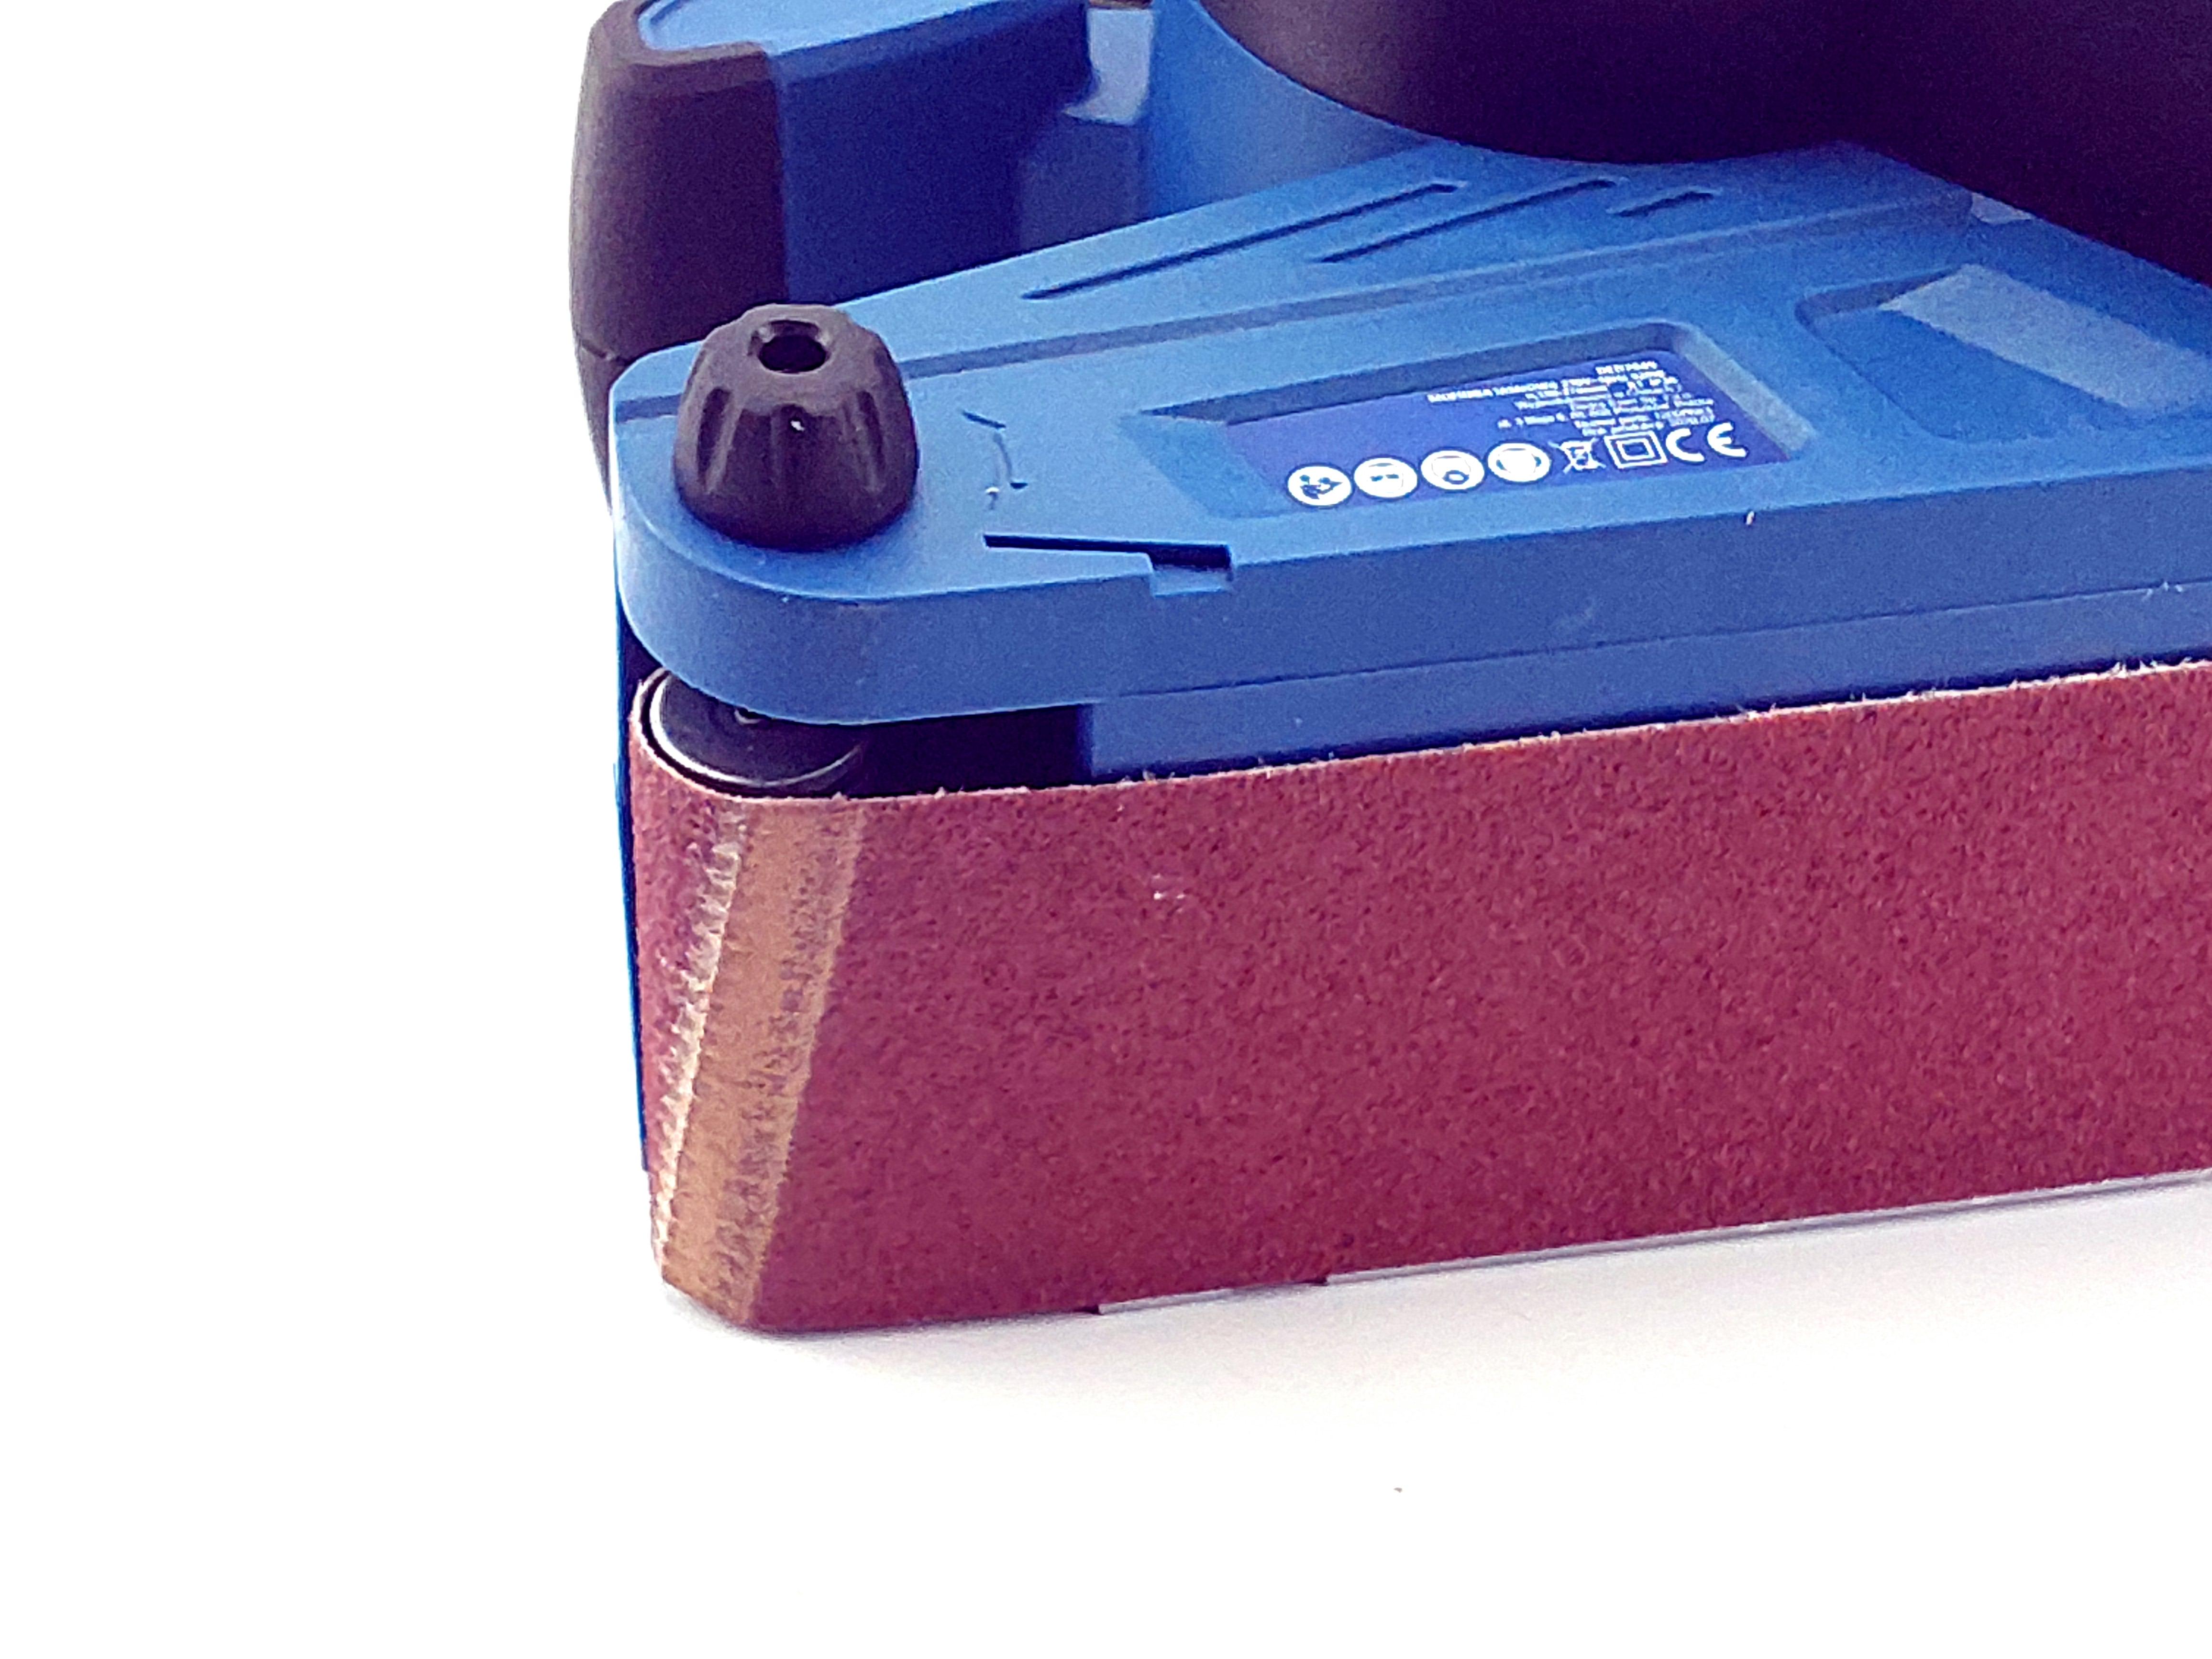 Pásová bruska 920W; nekonečný pás 75x533mm + regulace rychlosti pásu a integrované odsávání prachu